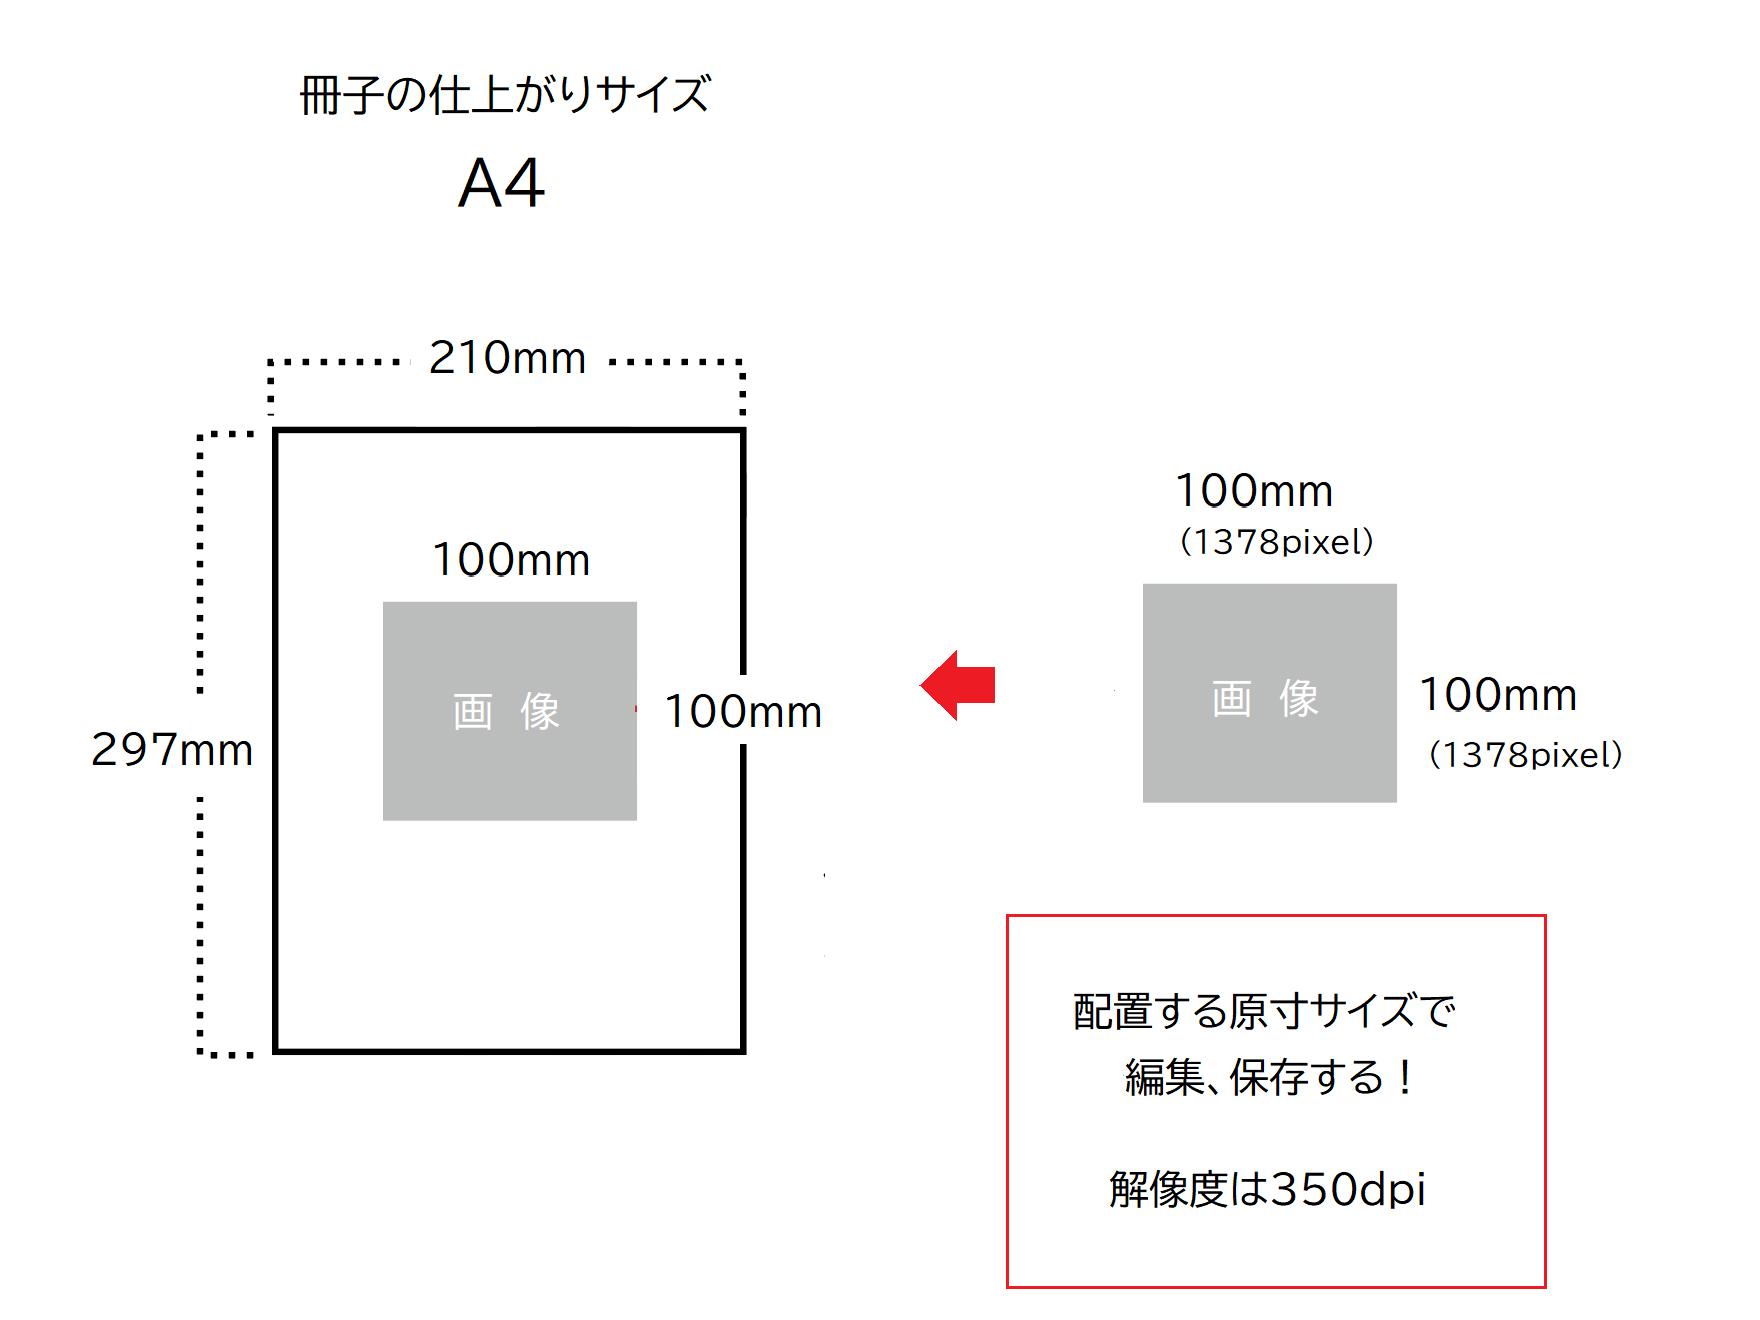 Wordで画像を配置する、図形を作る方法【冊子のデータ作成】